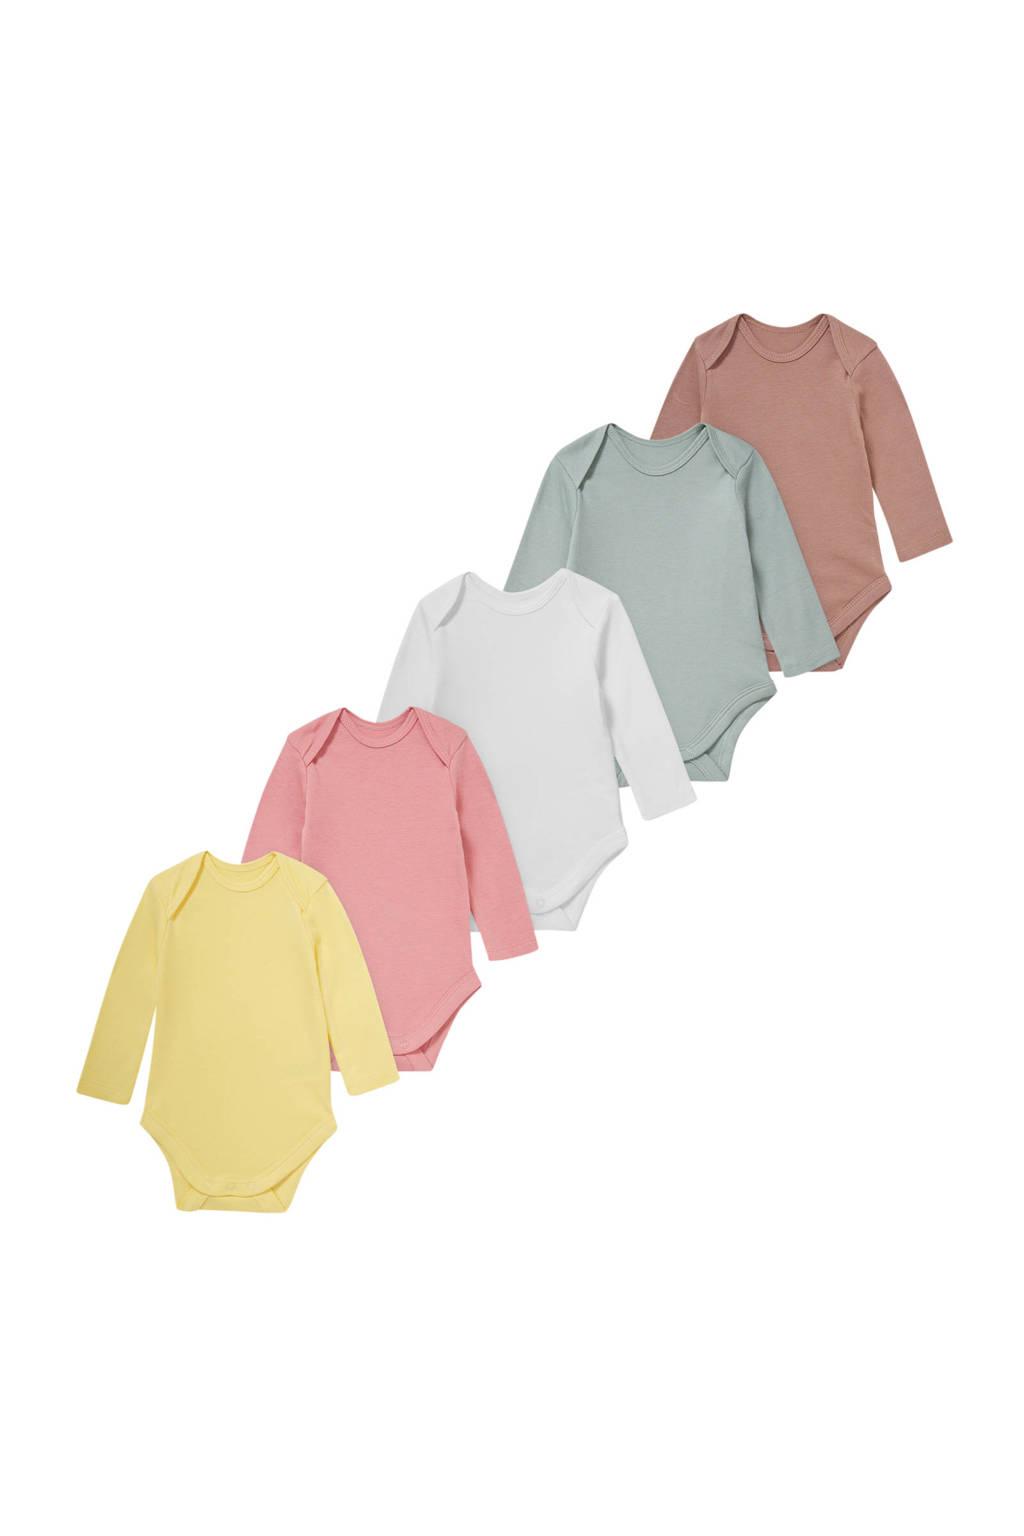 C&A Baby Club romper - set van 5 geel/roze/wit/groen/bruin, Geel/roze/wit/groen/bruin